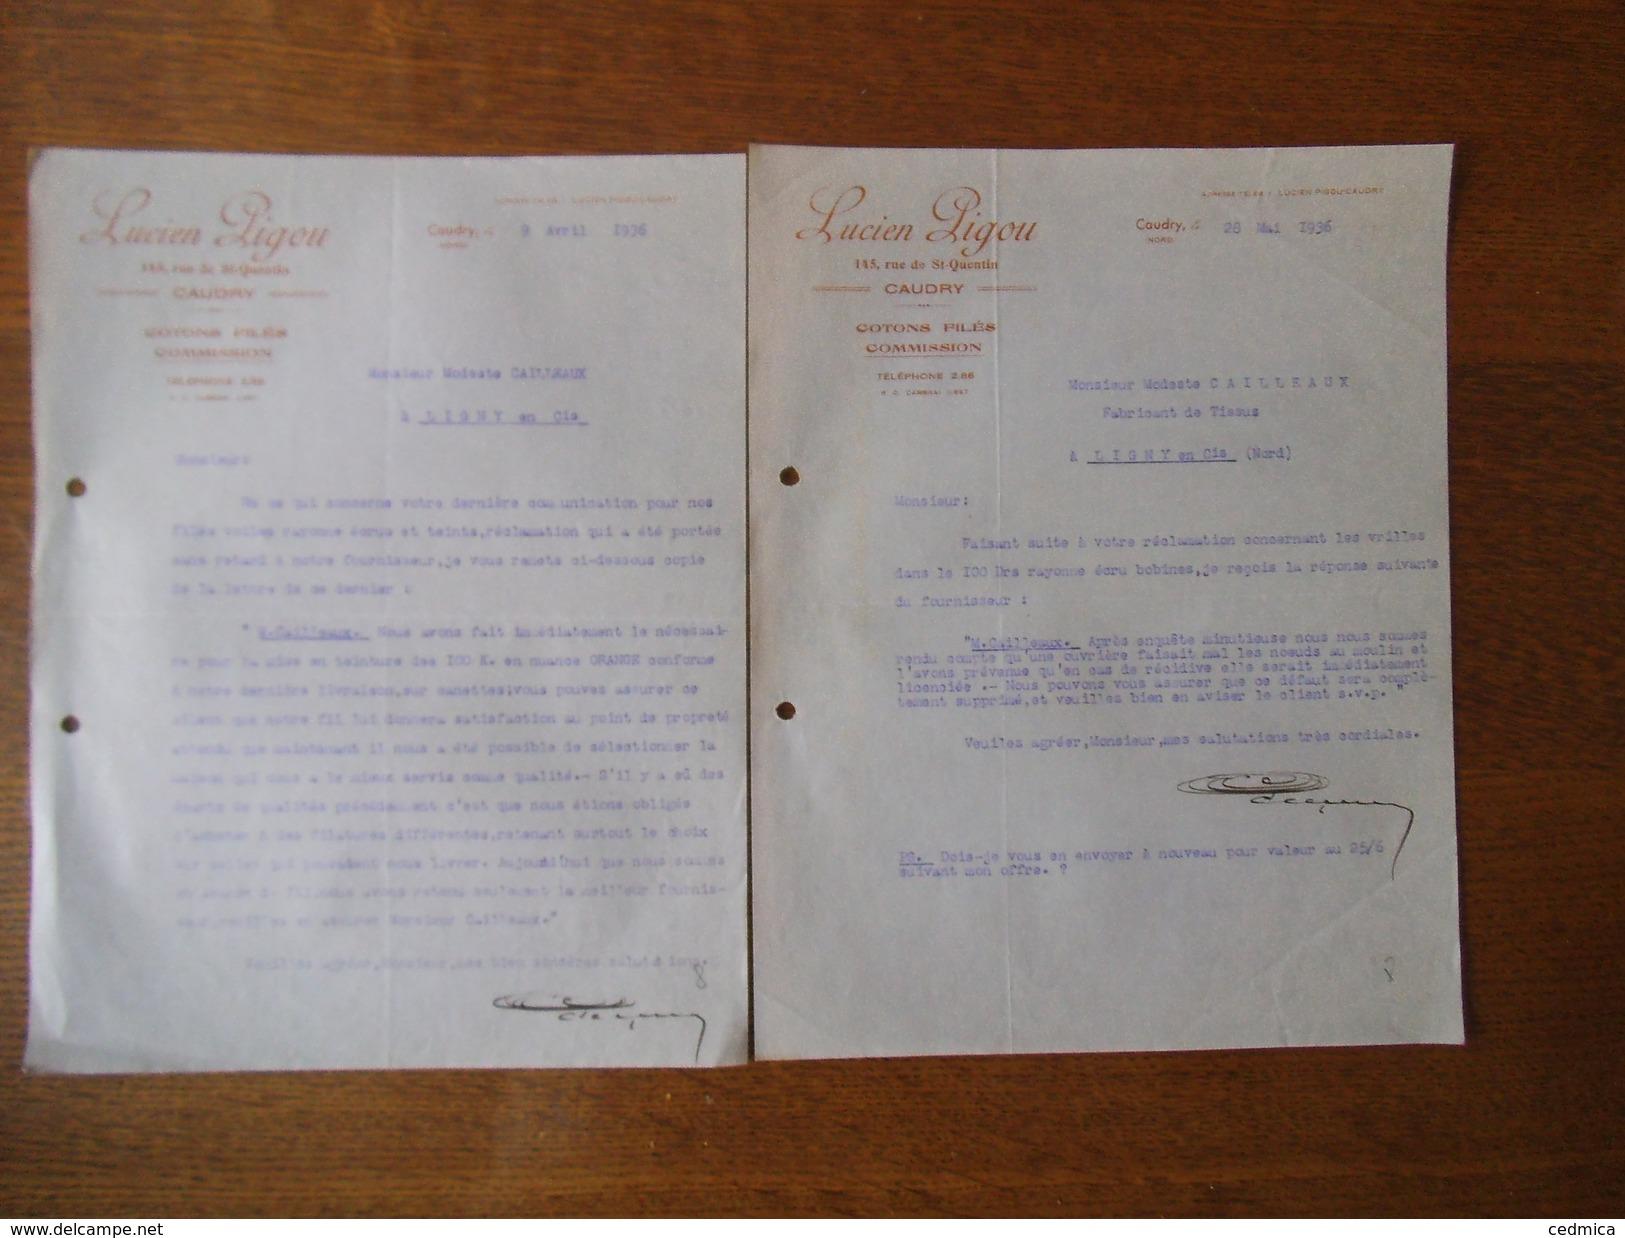 CAUDRY NORD LUCIEN LIGOU COTONS FILES COMMISSION 145 RUE DE St-QUENTIN COURRIERS DES 9 AVRIL ET 28 MAI 1936 - France